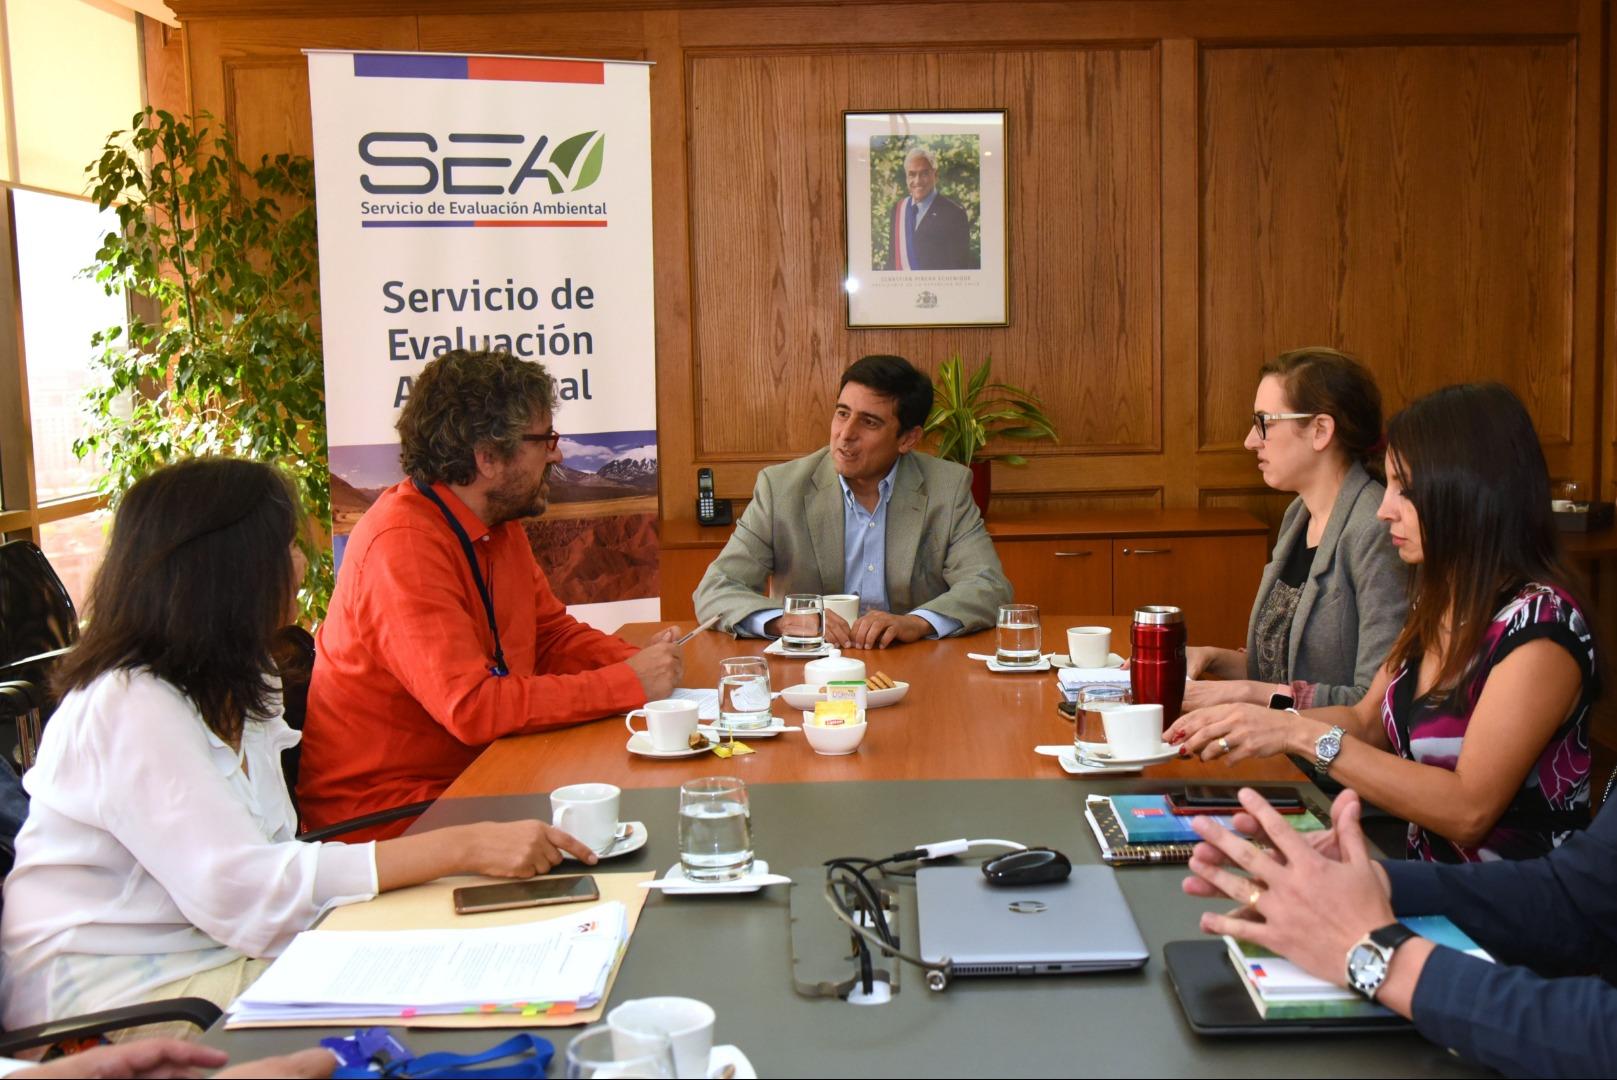 Reunión de Alcalde Carlos Cuadrado Prats con SEA